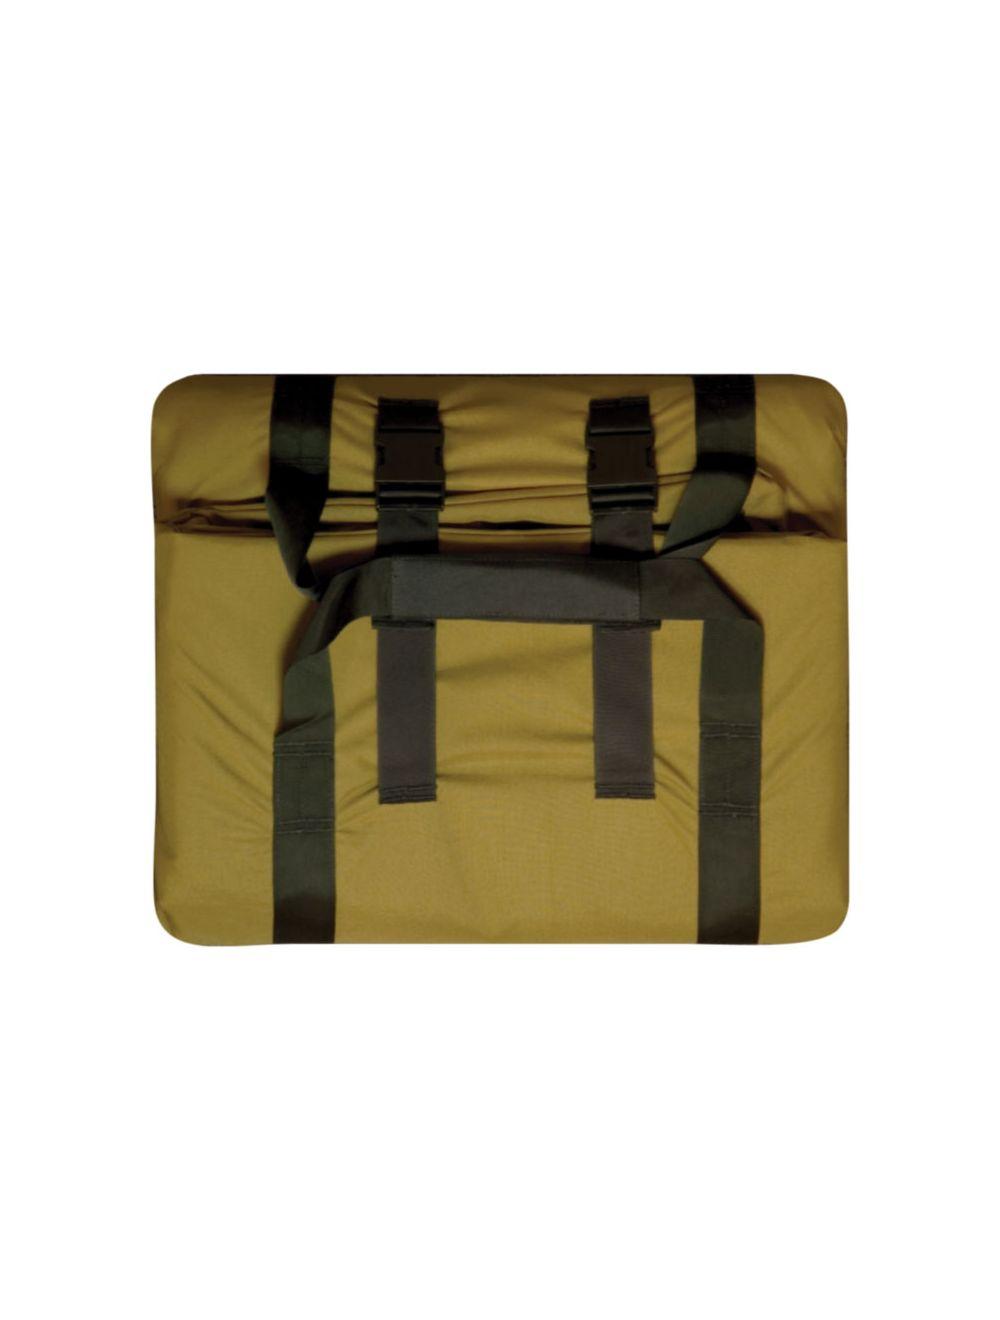 Armor Express 4' x 6' Level IIIA Ballistic Blanket